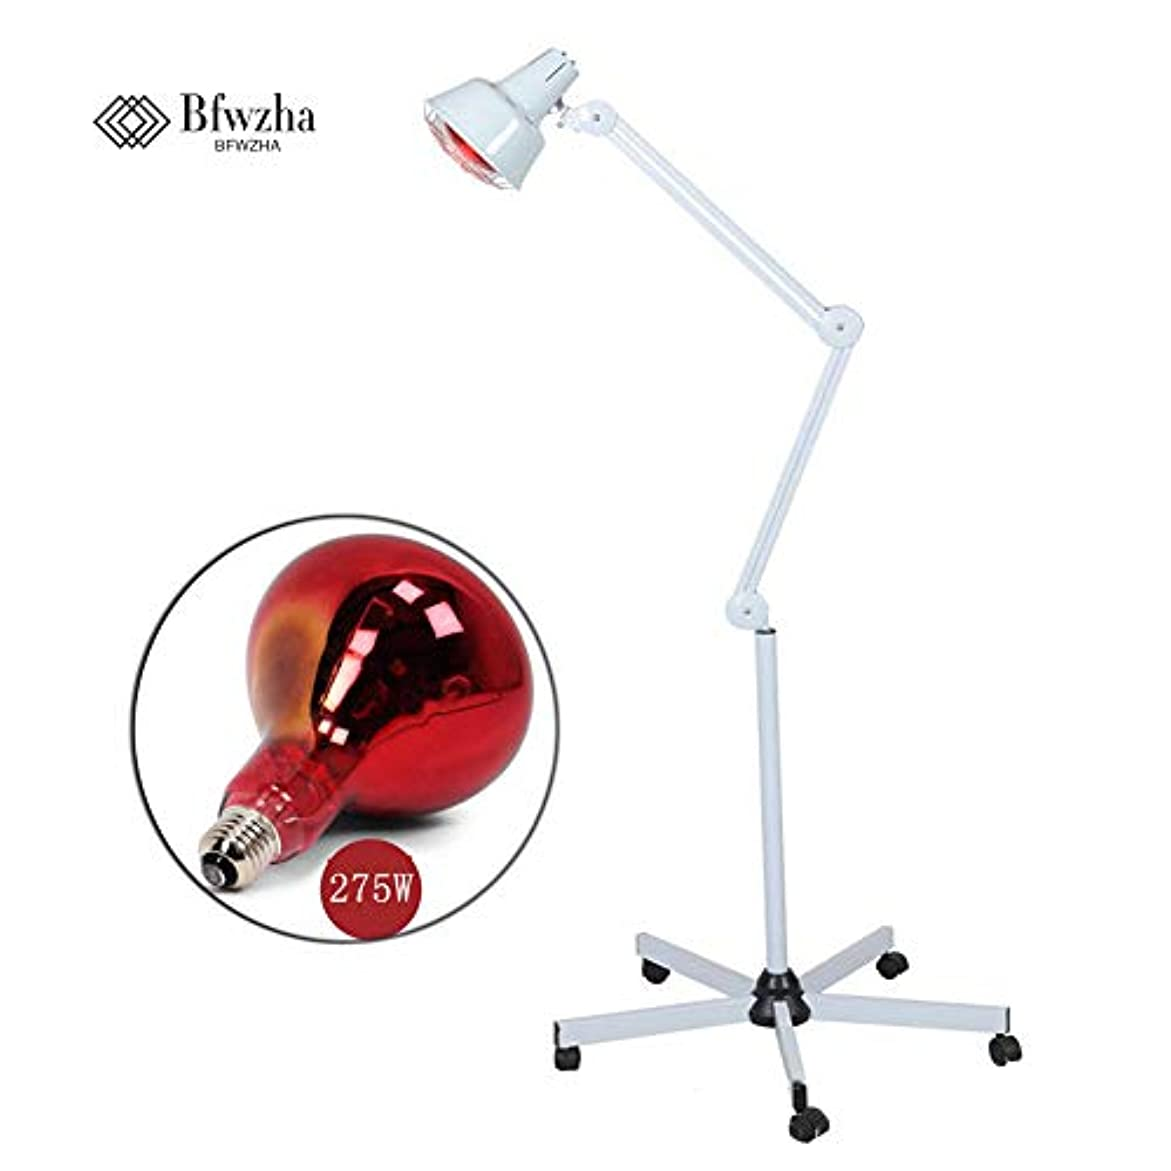 タクト開発するスピン275ワット赤外線ヒートランプir床立ち美容スパ理学療法暖房療法治療ライト筋肉痛み痛みを軽減電球で